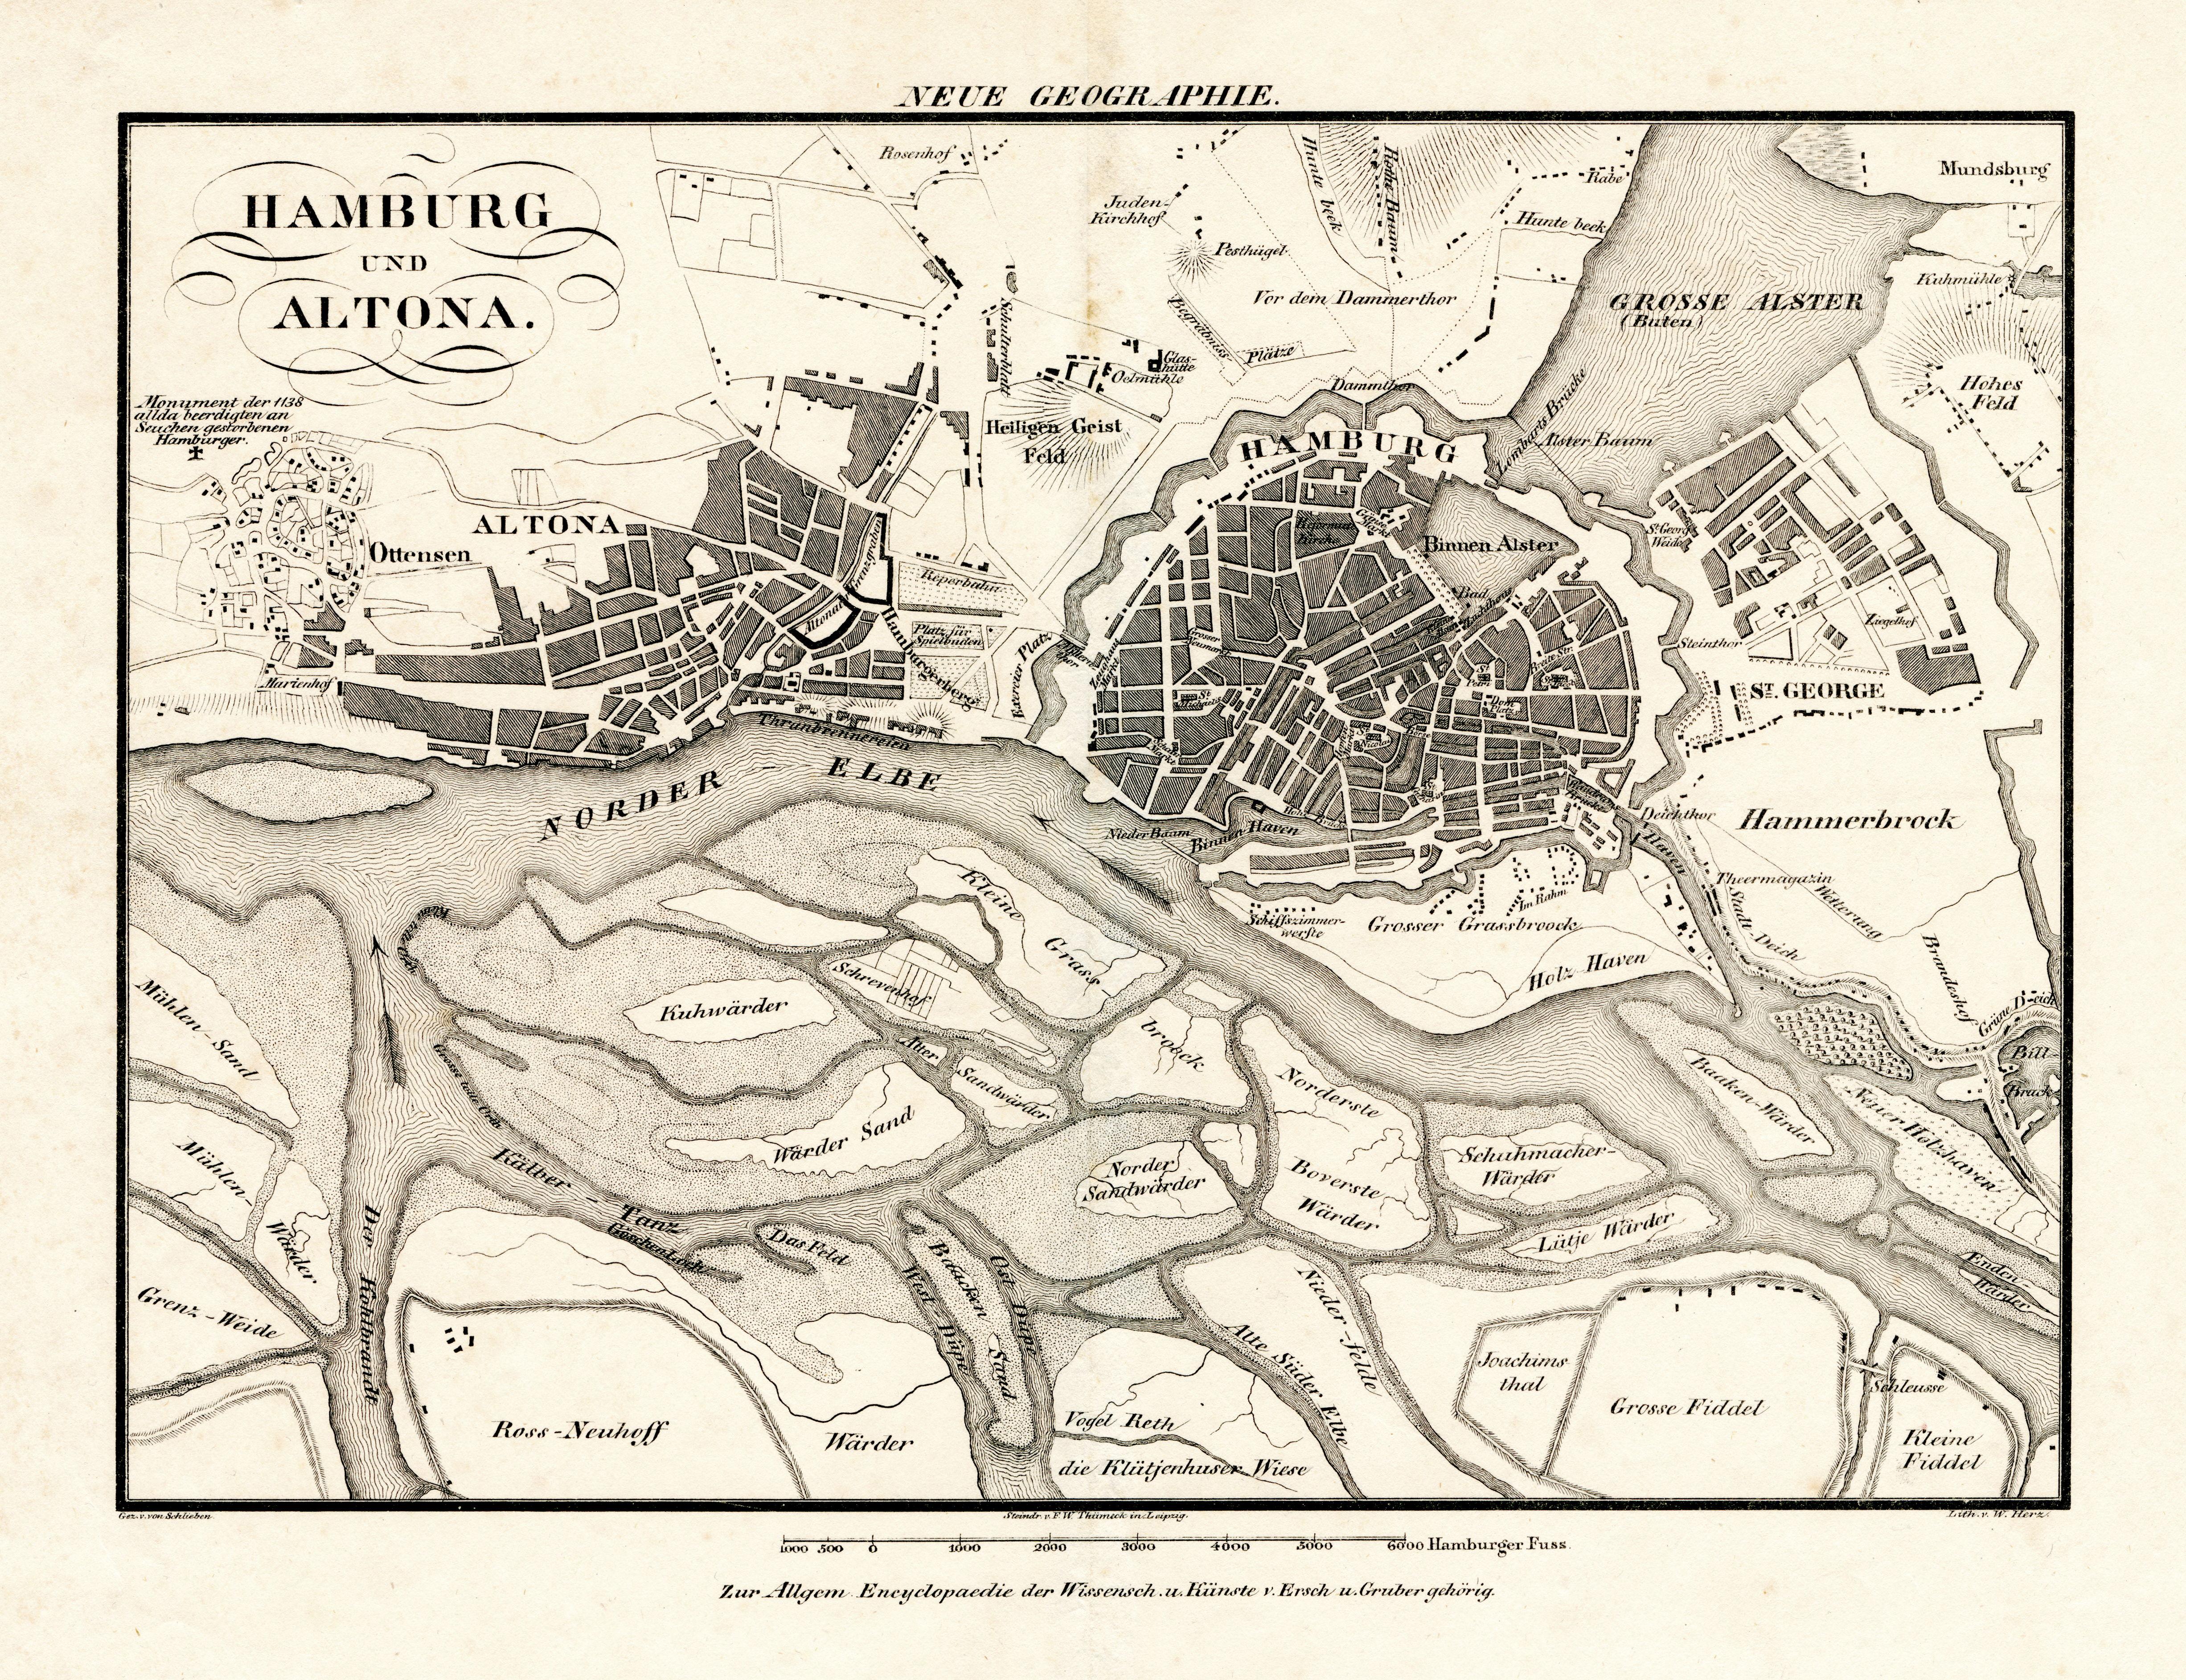 Karte Weimar Und Umgebung.Alte Und Historische Karten Aus Hamburgs Umgebung